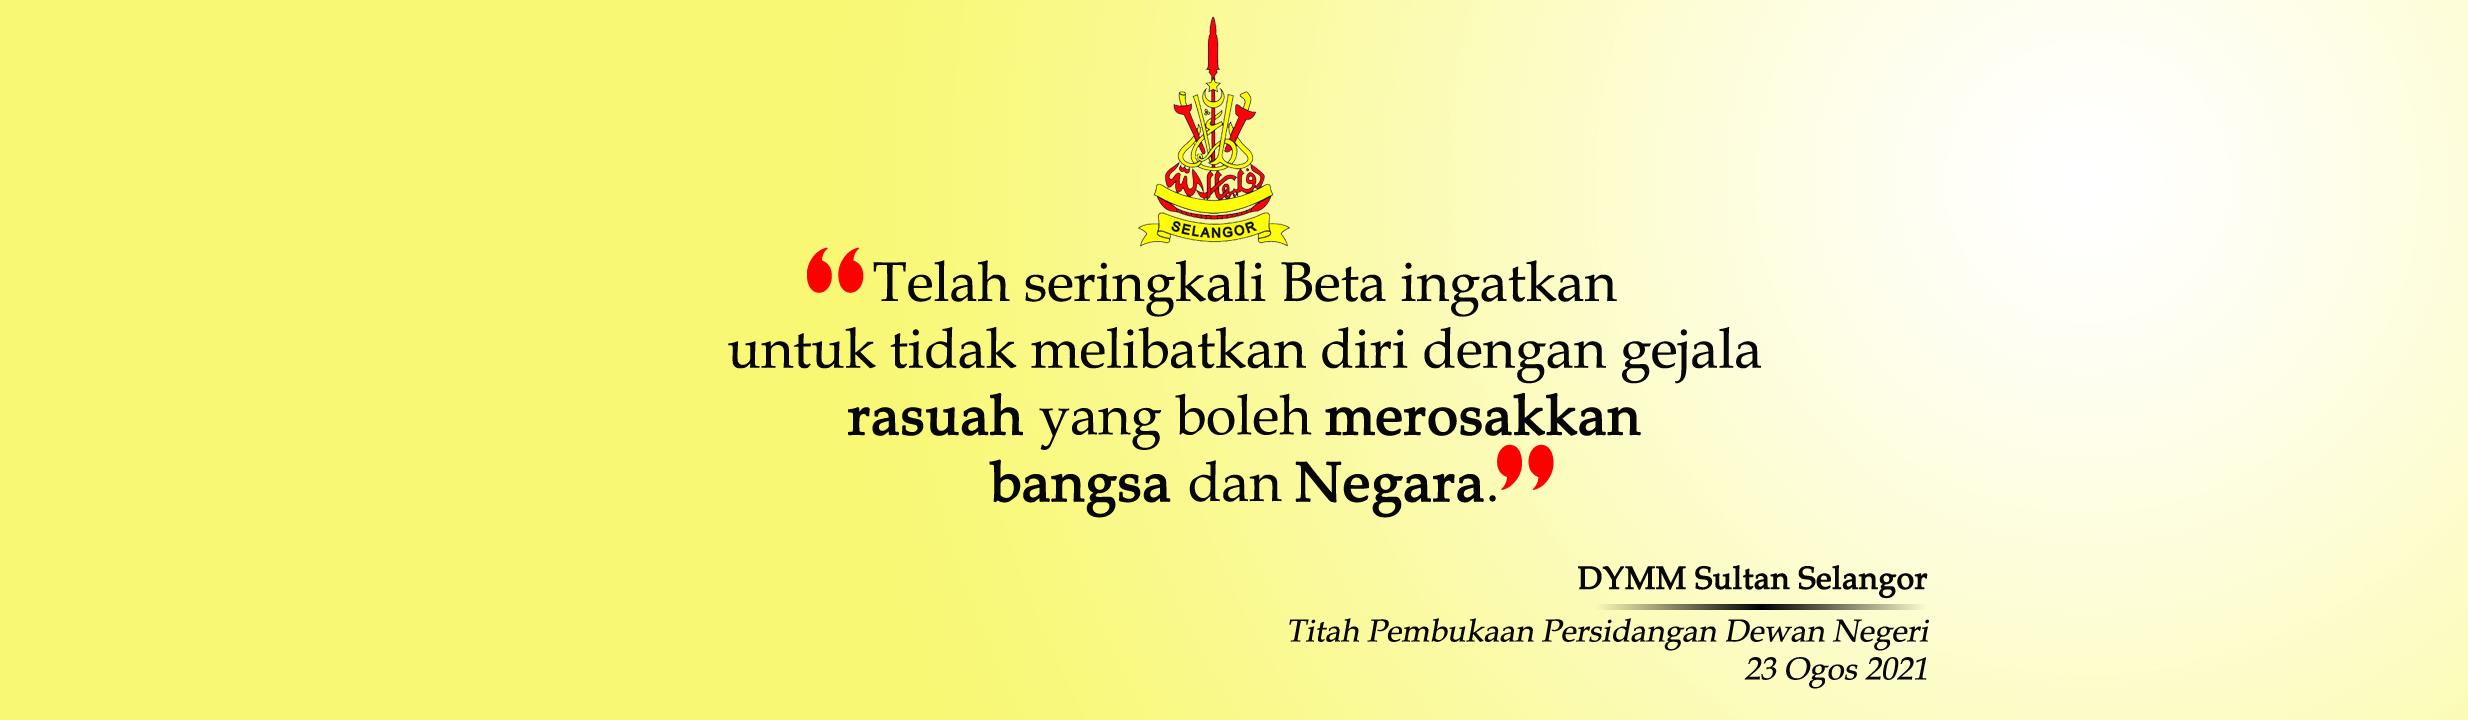 banner_titah_sultan